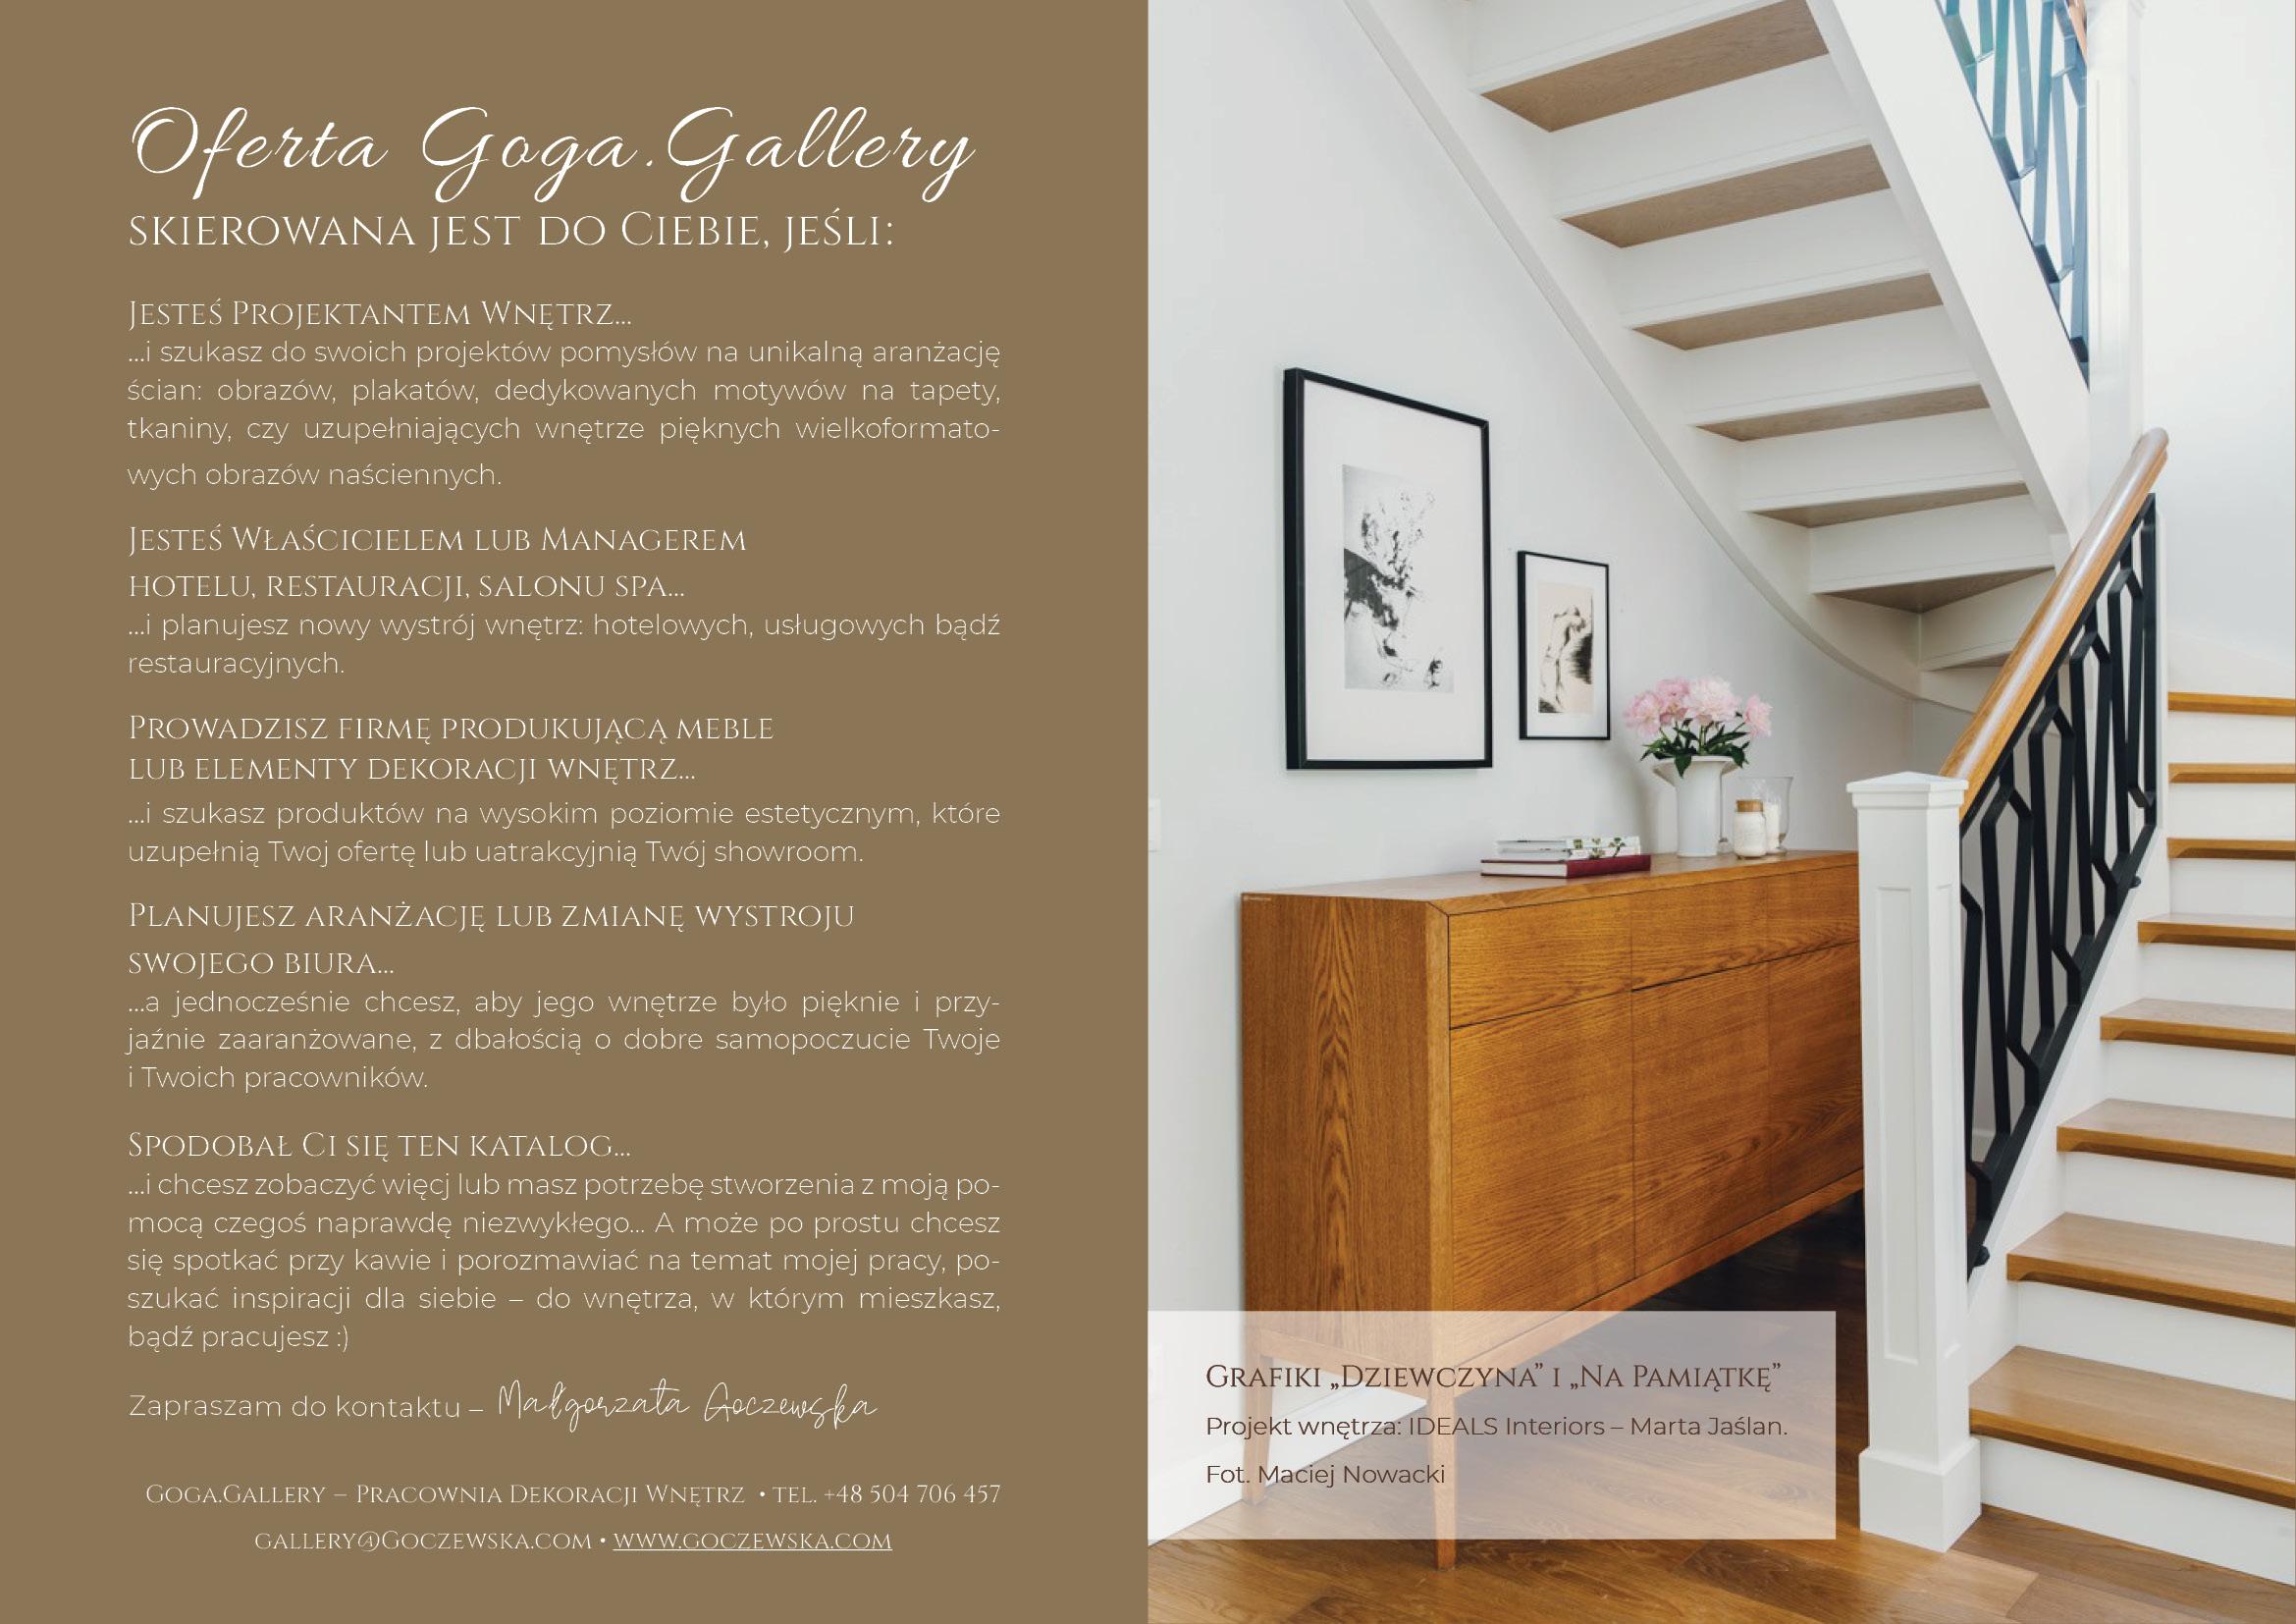 Pracownia Dekoracji Wnętrz Goga.Gallery - oferta, katalog.